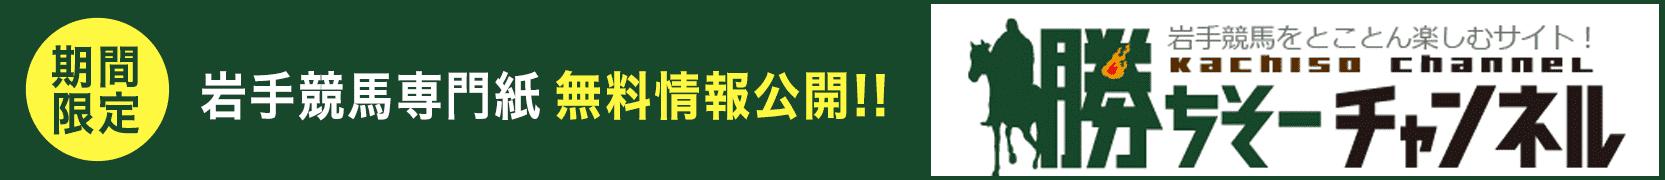 岩手競馬勝ちそーチャンネル